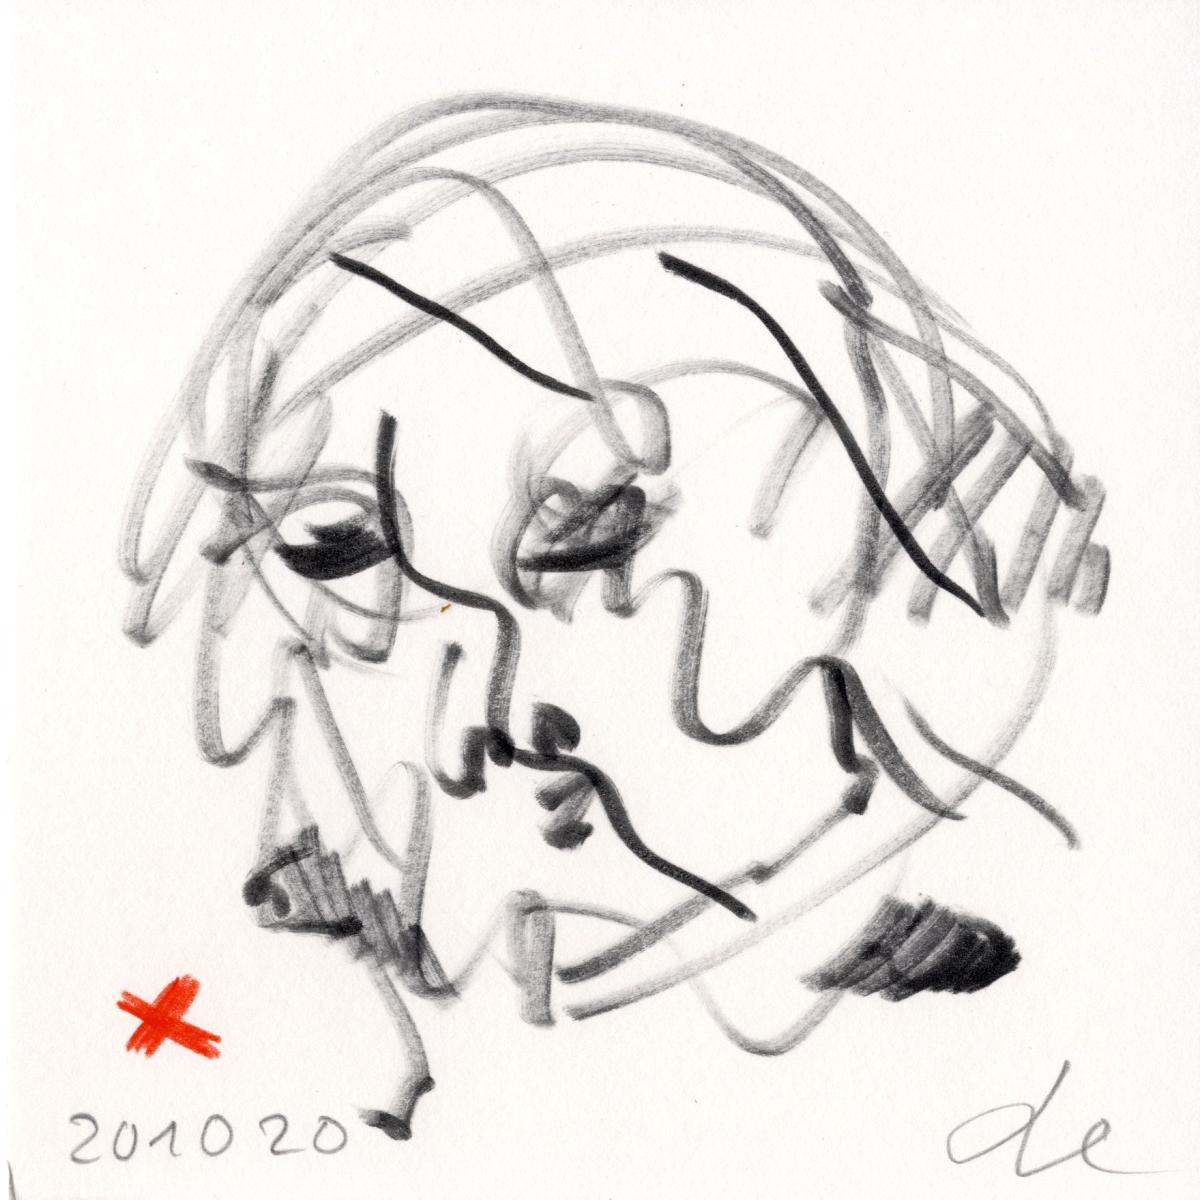 cdia_201020a